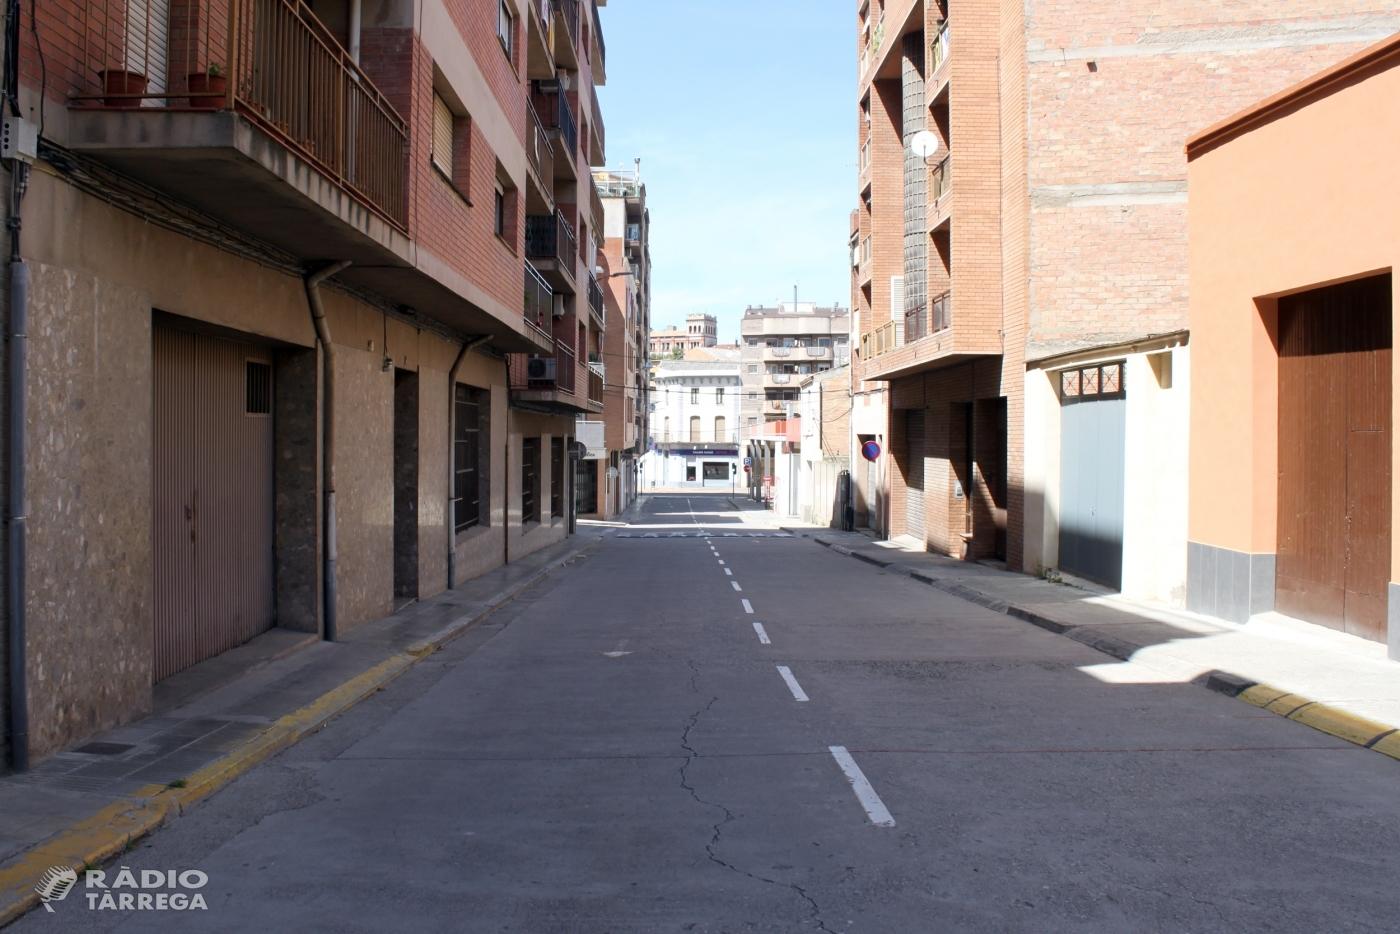 L'Ajuntament de Tàrrega aprova el projecte urbanístic per ampliar la vorera oest i millorar l'accessibilitat al carrer de Santa Clara